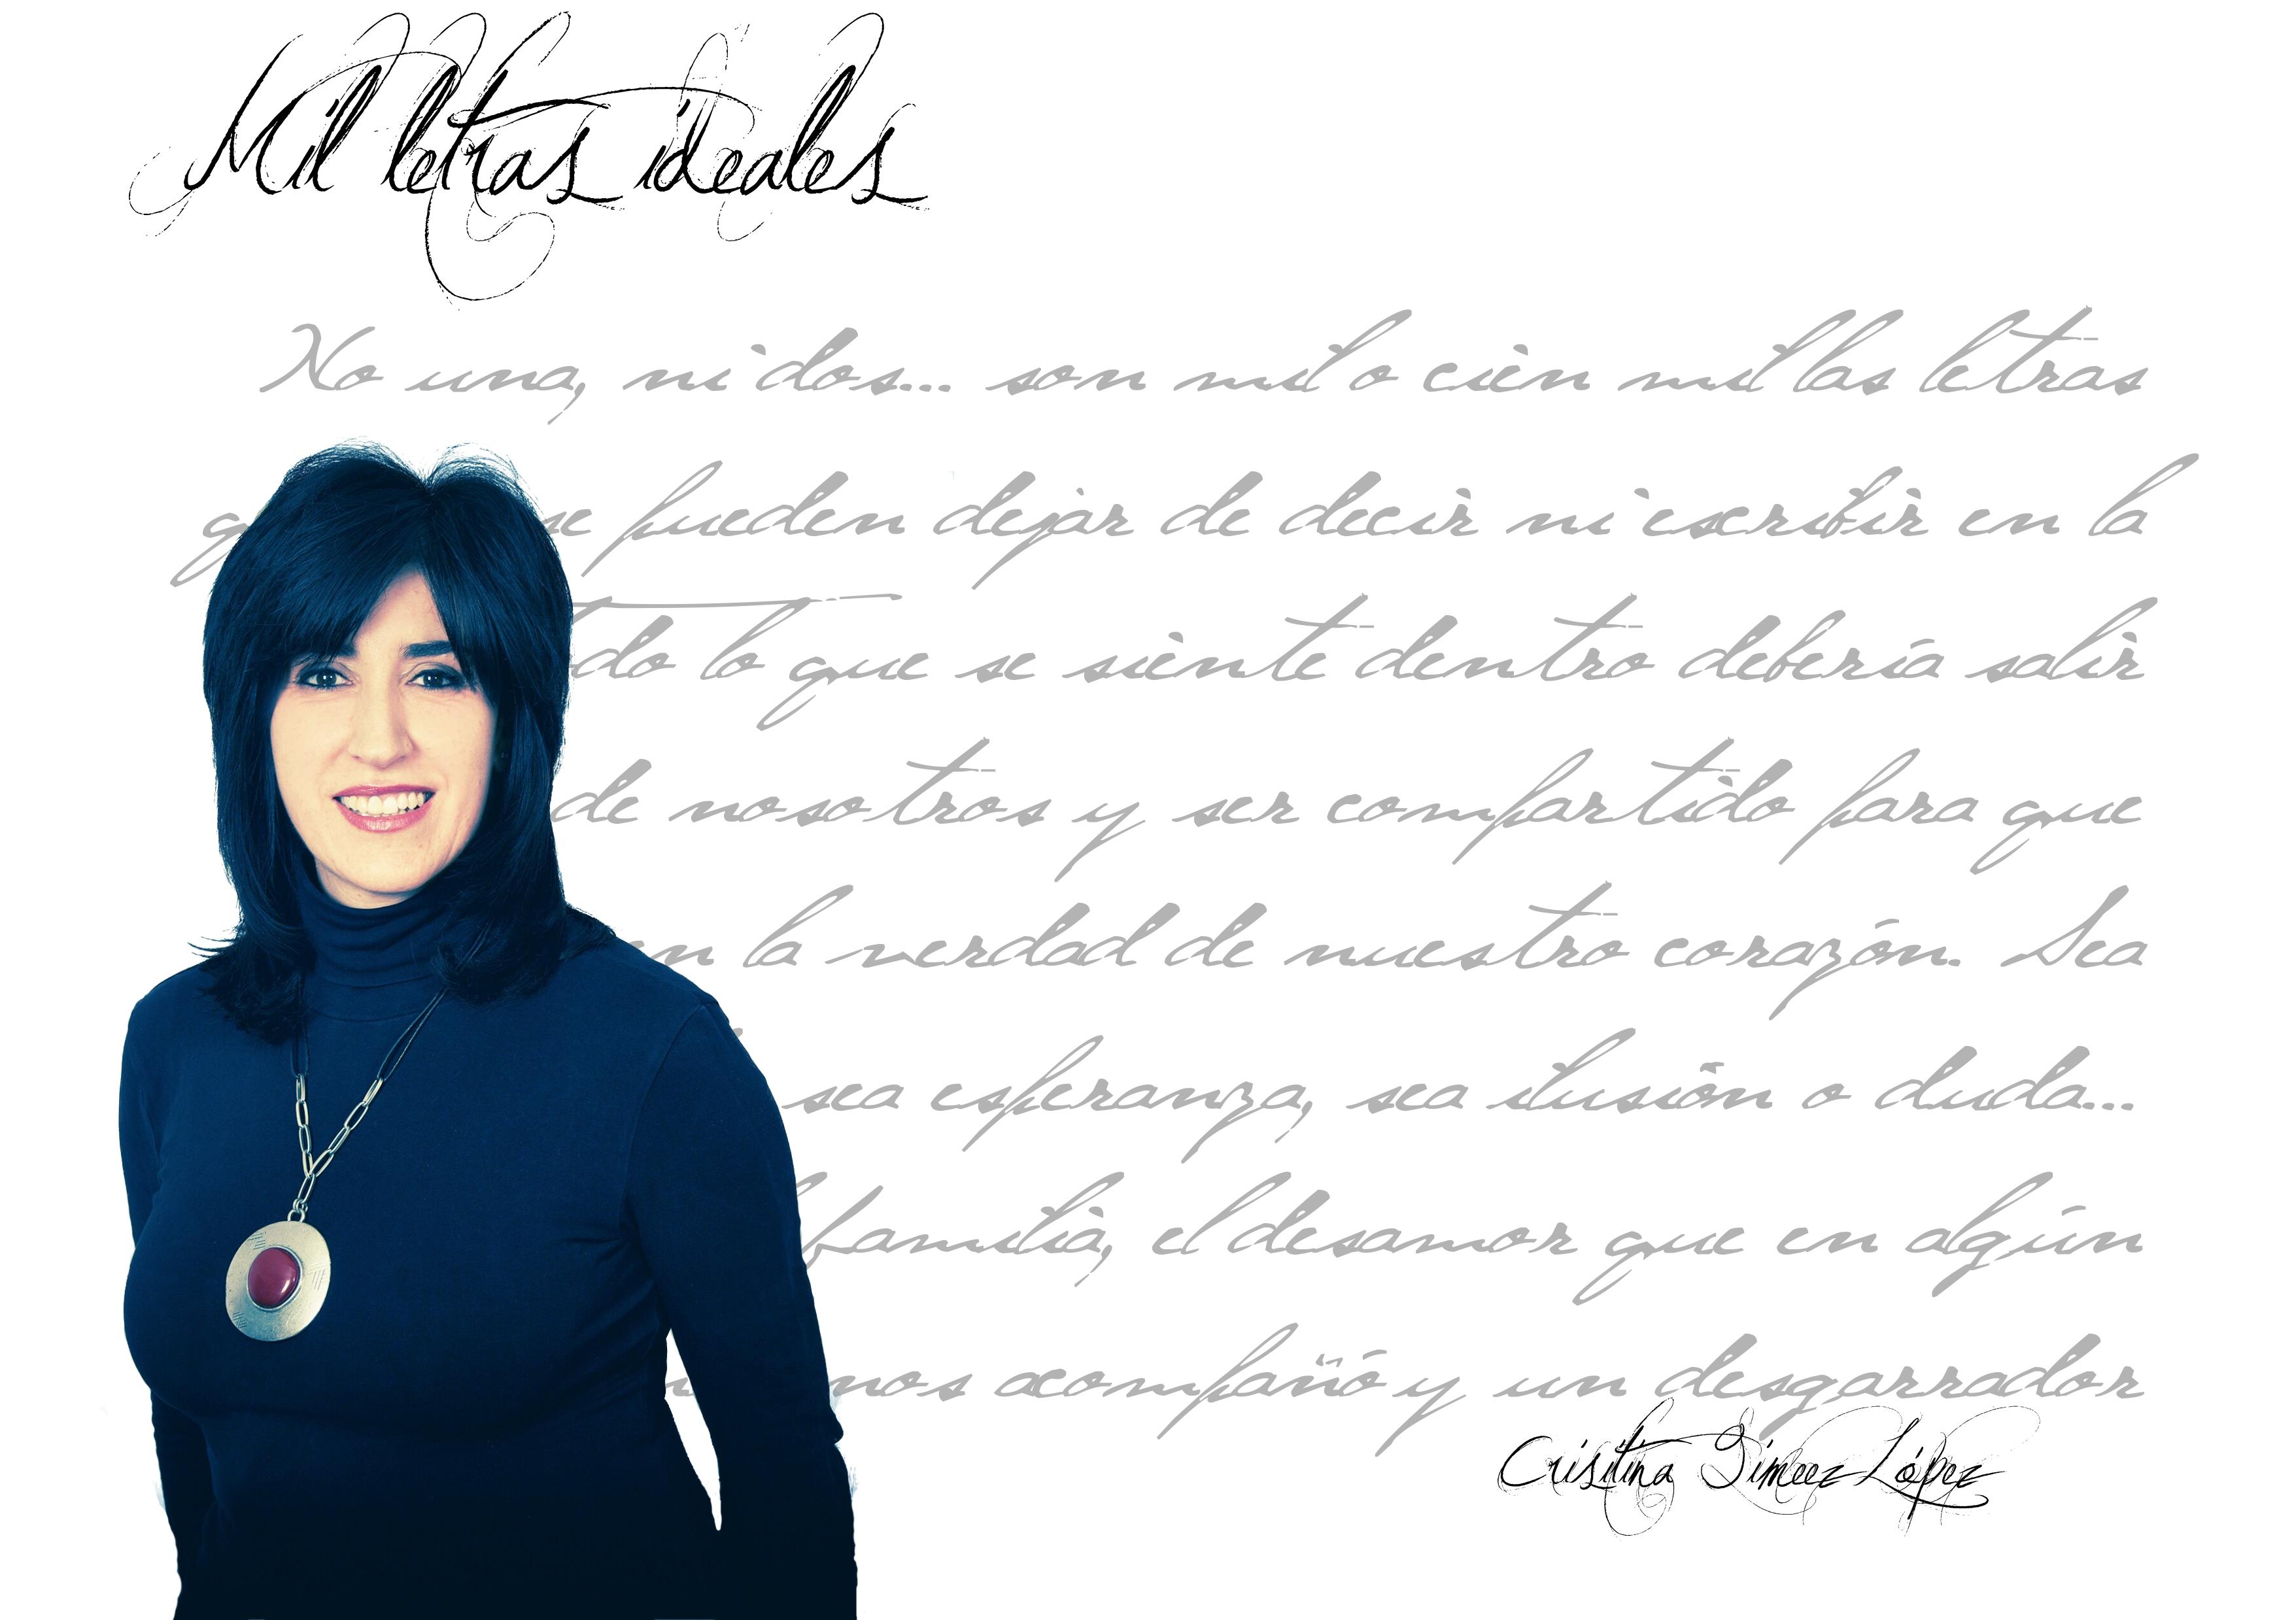 """Entrevista a Crisitina Gimenez Lopez cristina giménez lópez Cristina Giménez López: """"Una letra más otra son lo que decimos y lo que somos"""". FichaAutorCrisitinaGimenezLopez"""